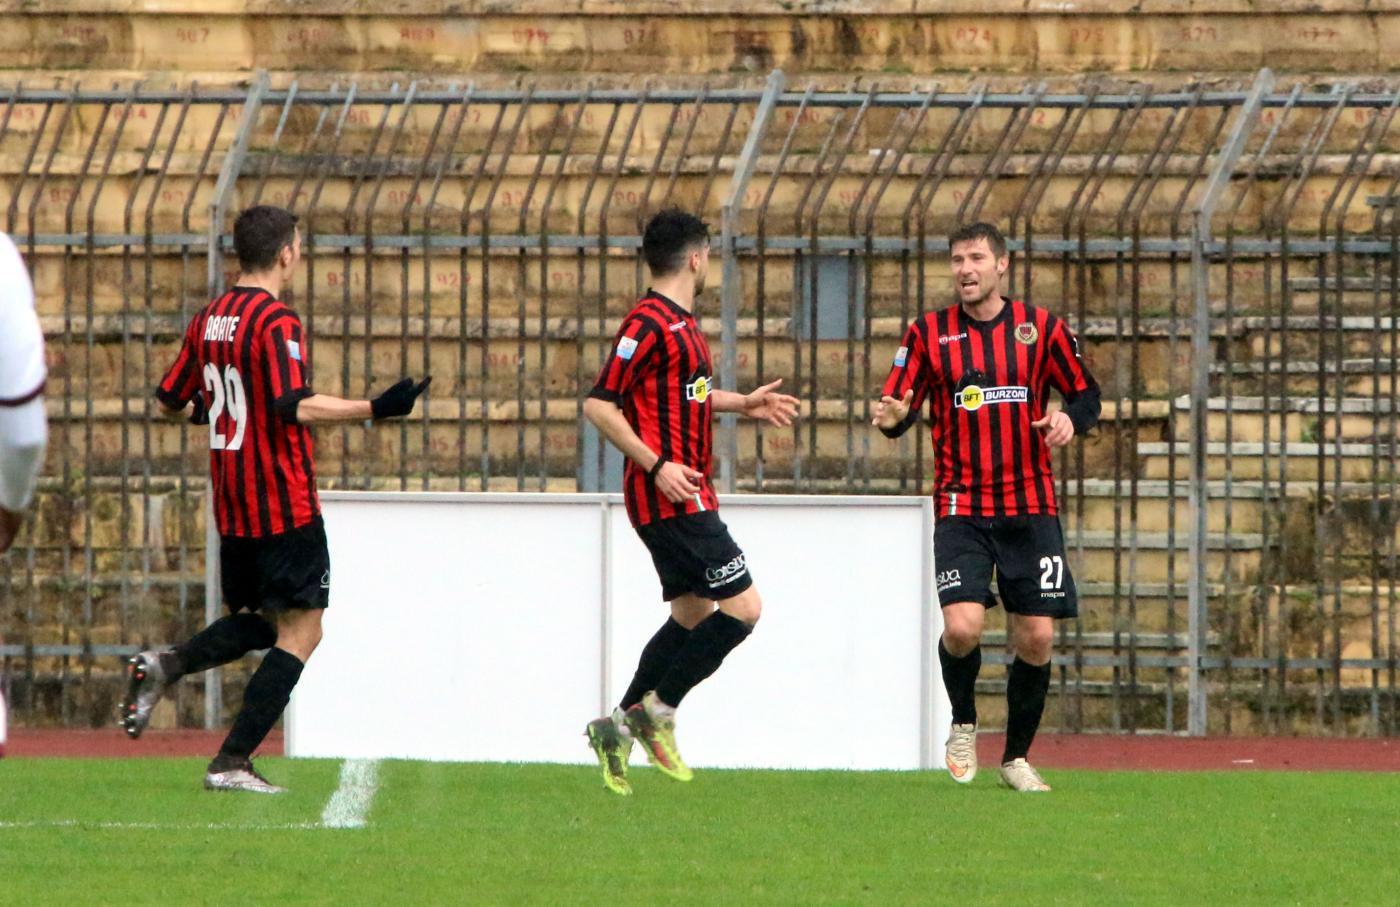 Pistoiese-Pro Piacenza 23 gennaio: match del gruppo A della Serie C. Gli ospiti rischiano ormai la radiazione dal campionato di C.